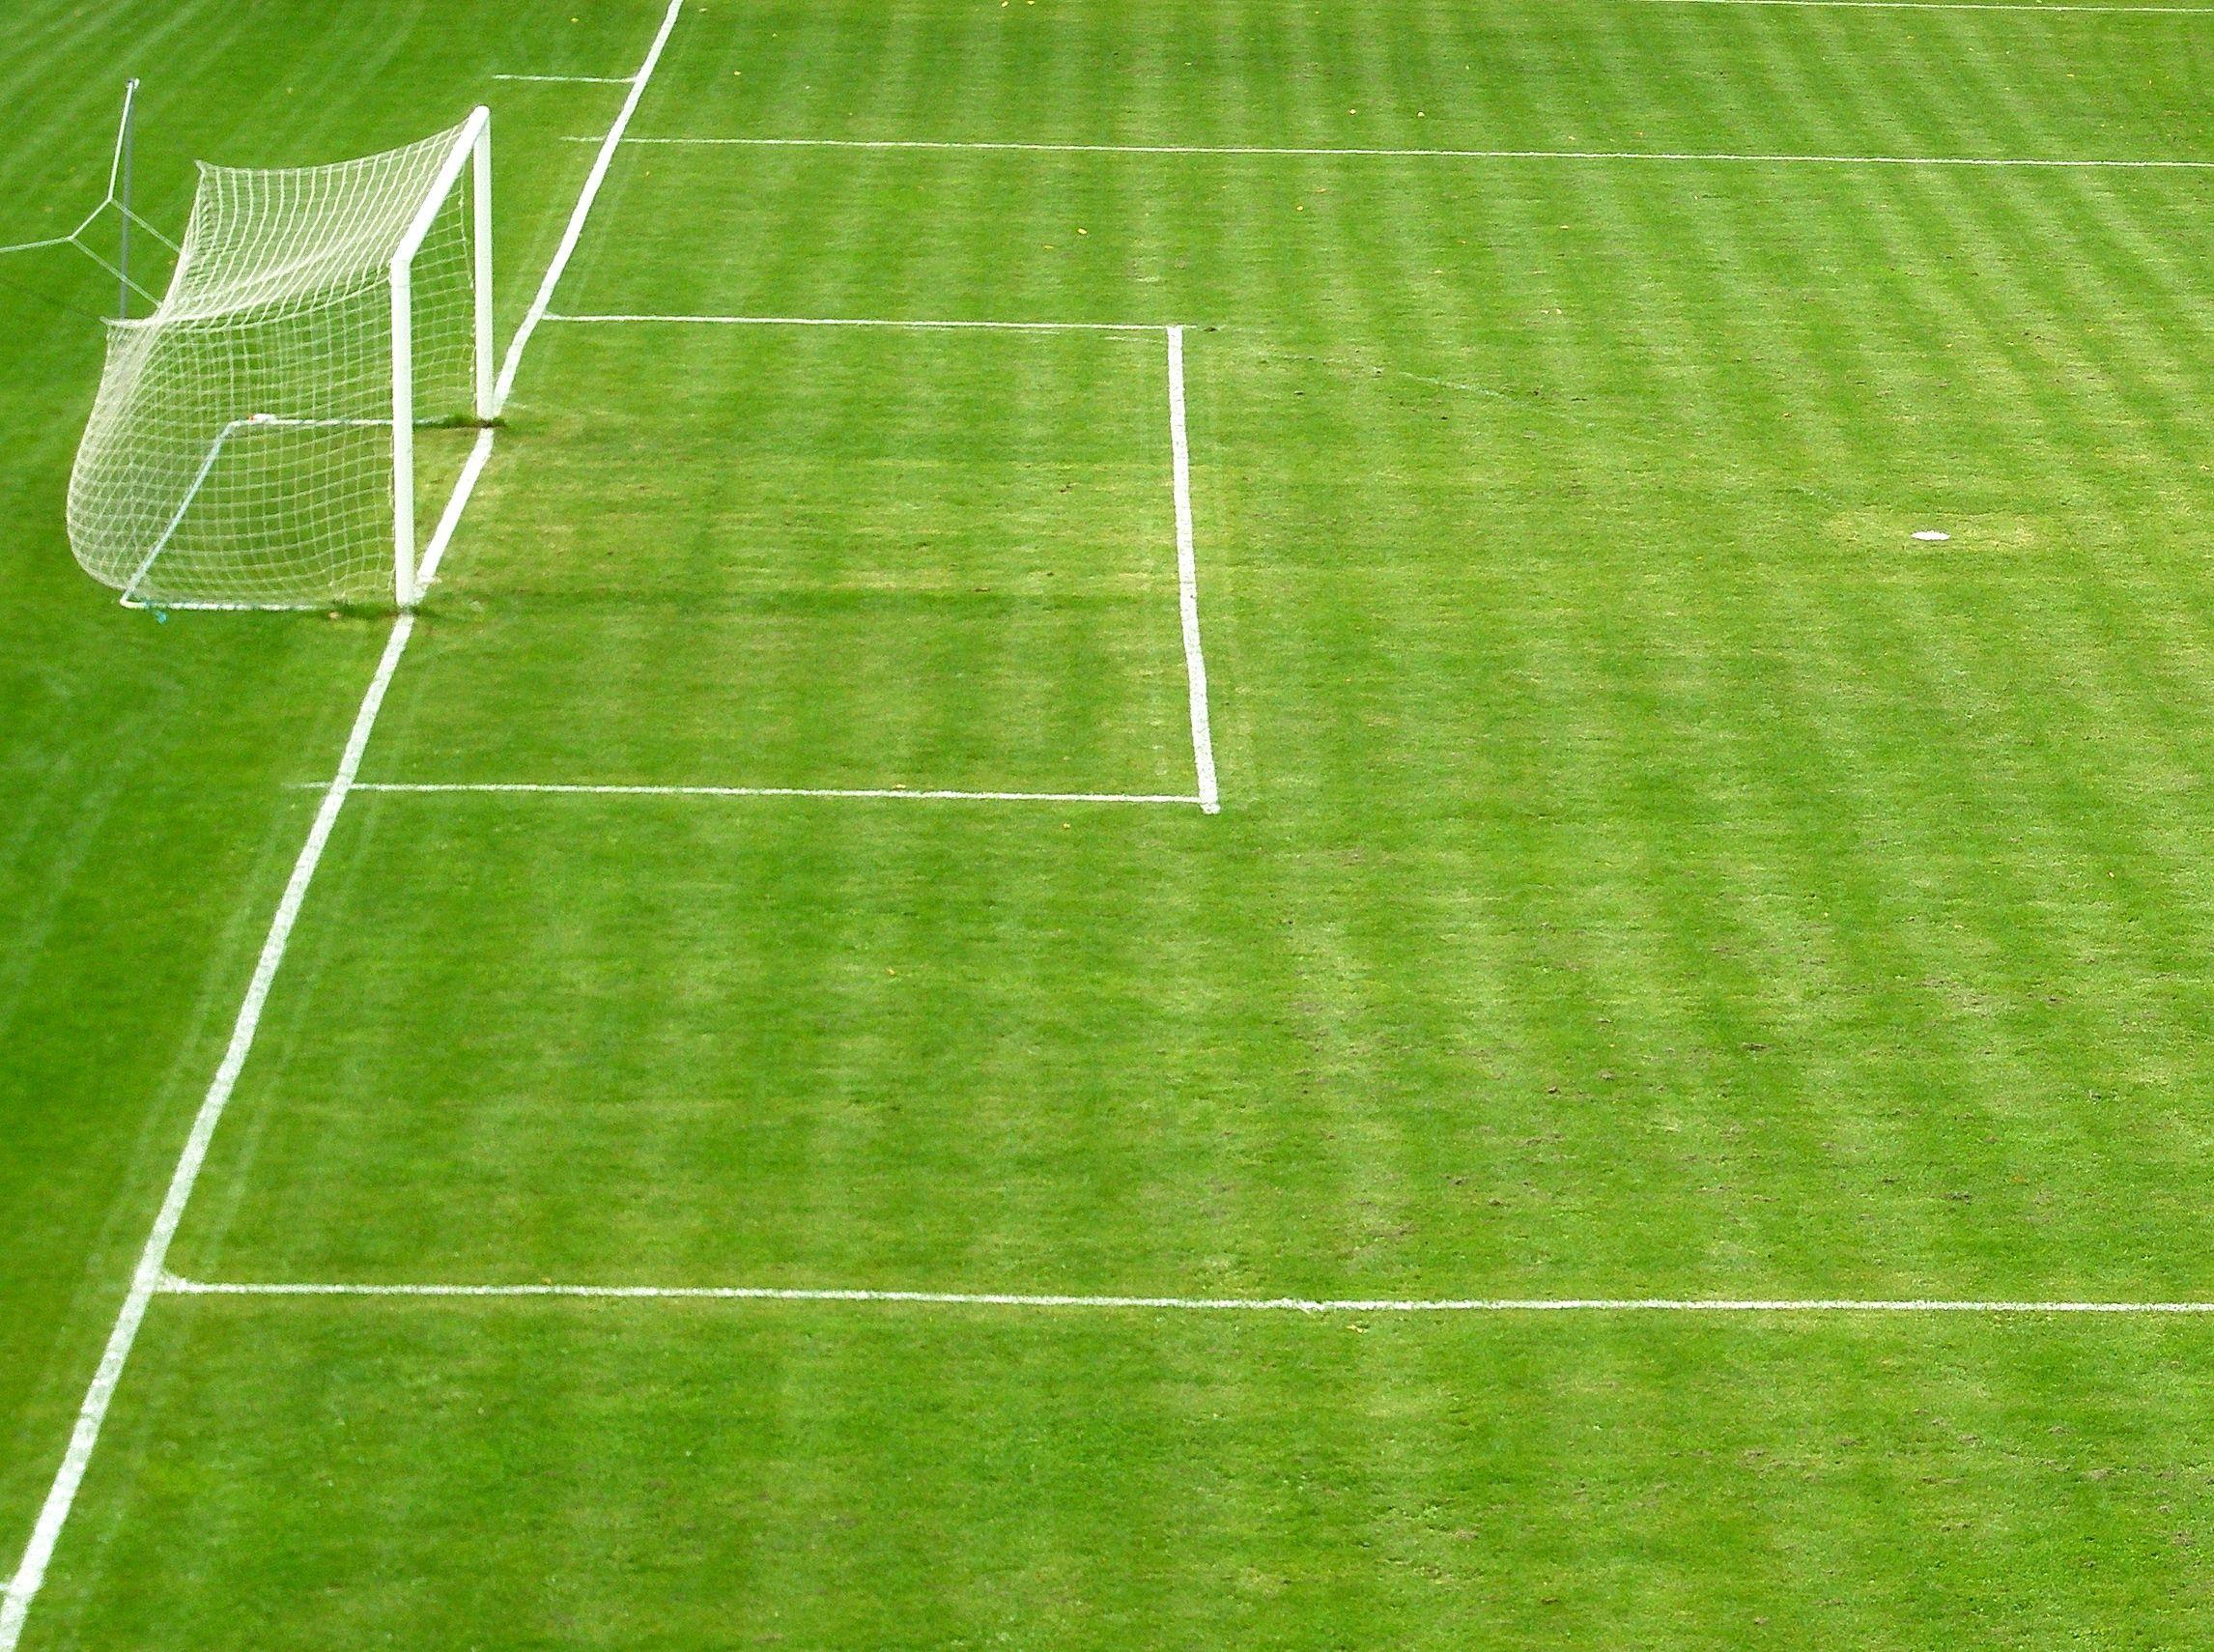 Abseits Brettspiele Fussball Schiedsrichter Und Spielfeld